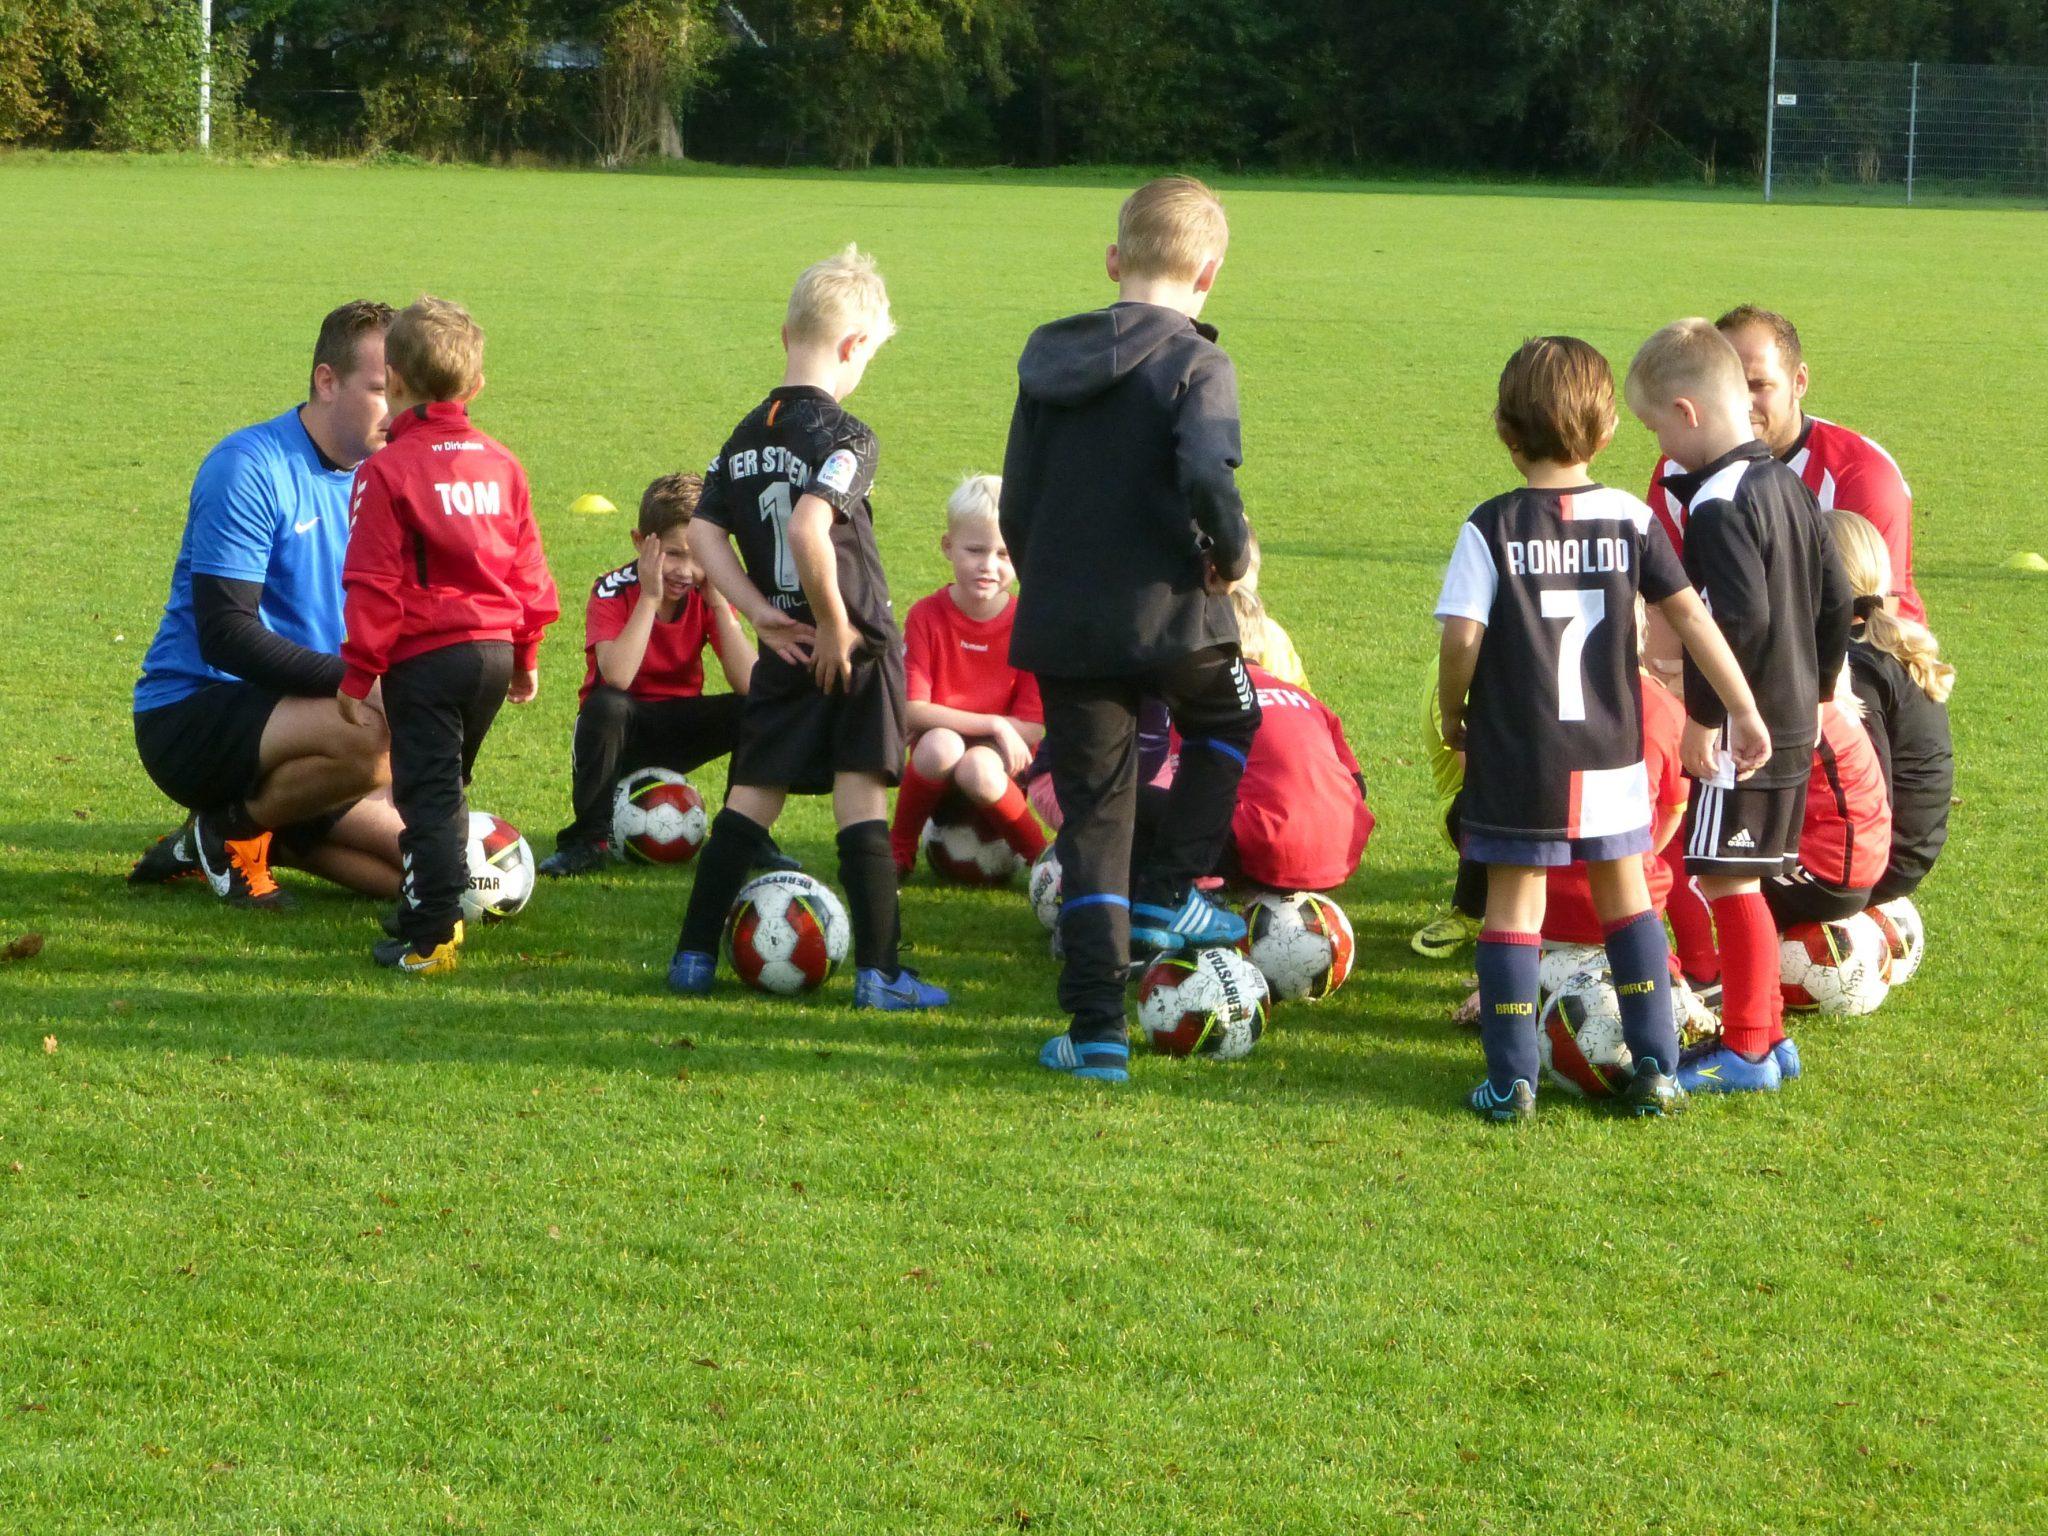 Een zaterdagmorgen bij VV Dirkshorn (foto's)